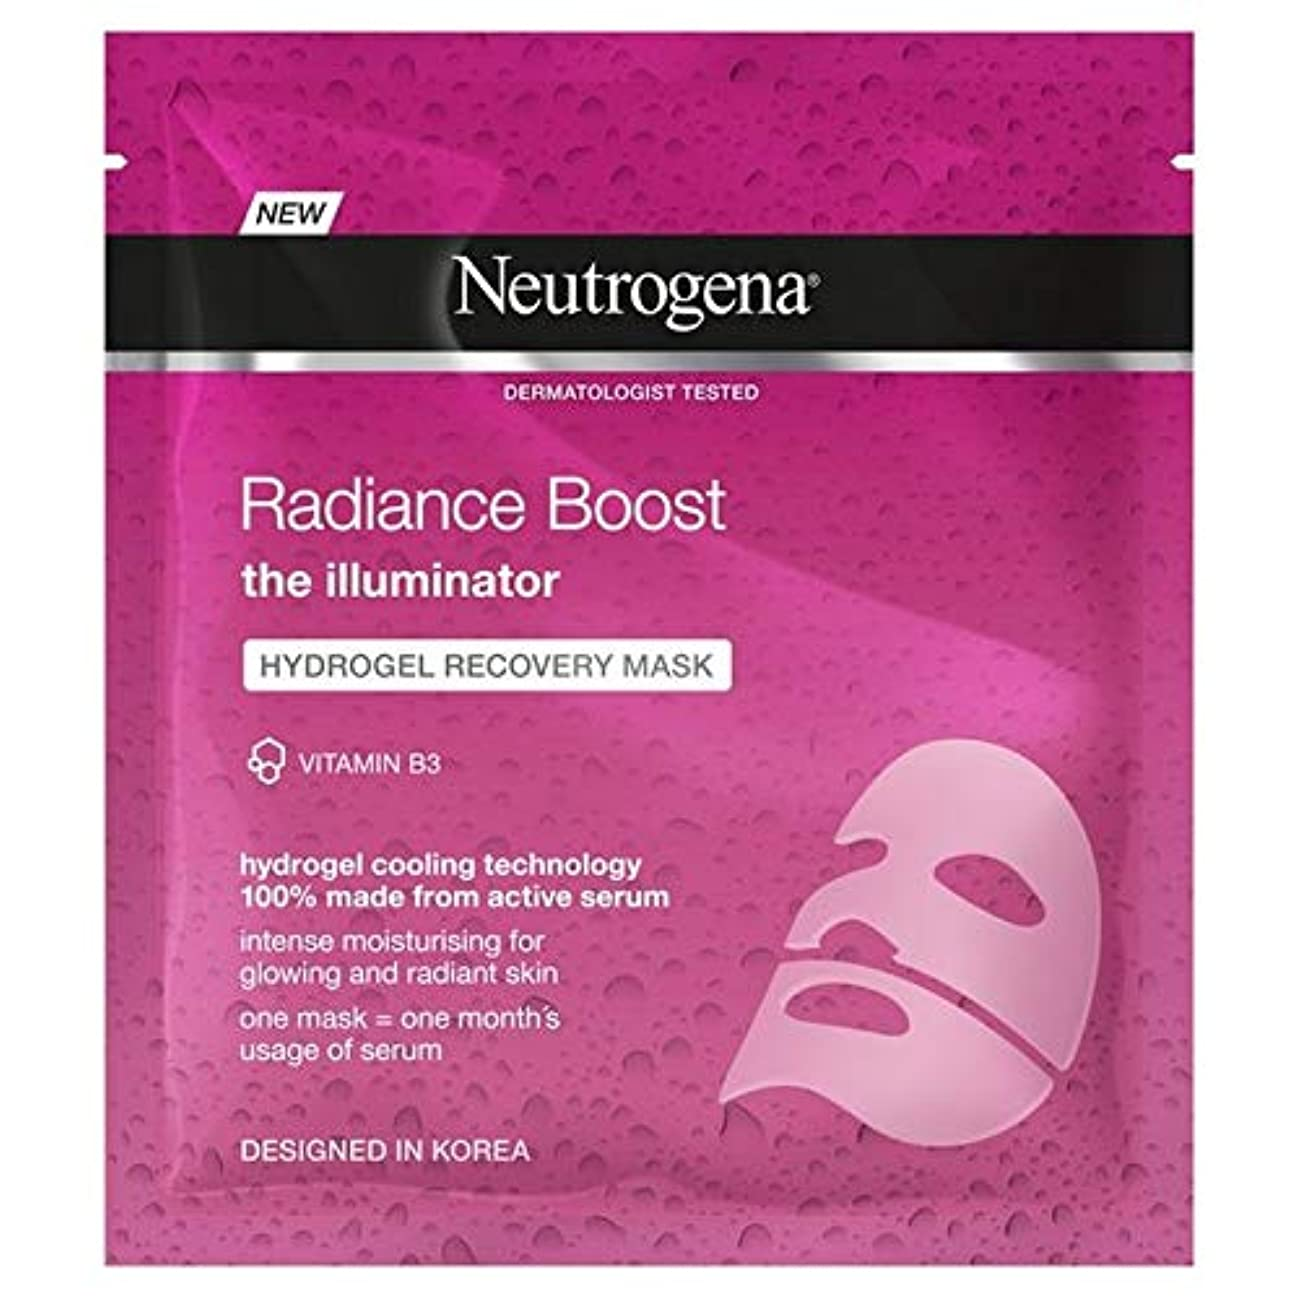 イブニング必要性物理的な[Neutrogena] ニュートロジーナ放射輝度ブーストハイドロゲルマスク30ミリリットル - Neutrogena Radiance Boost Hydrogel Mask 30ml [並行輸入品]